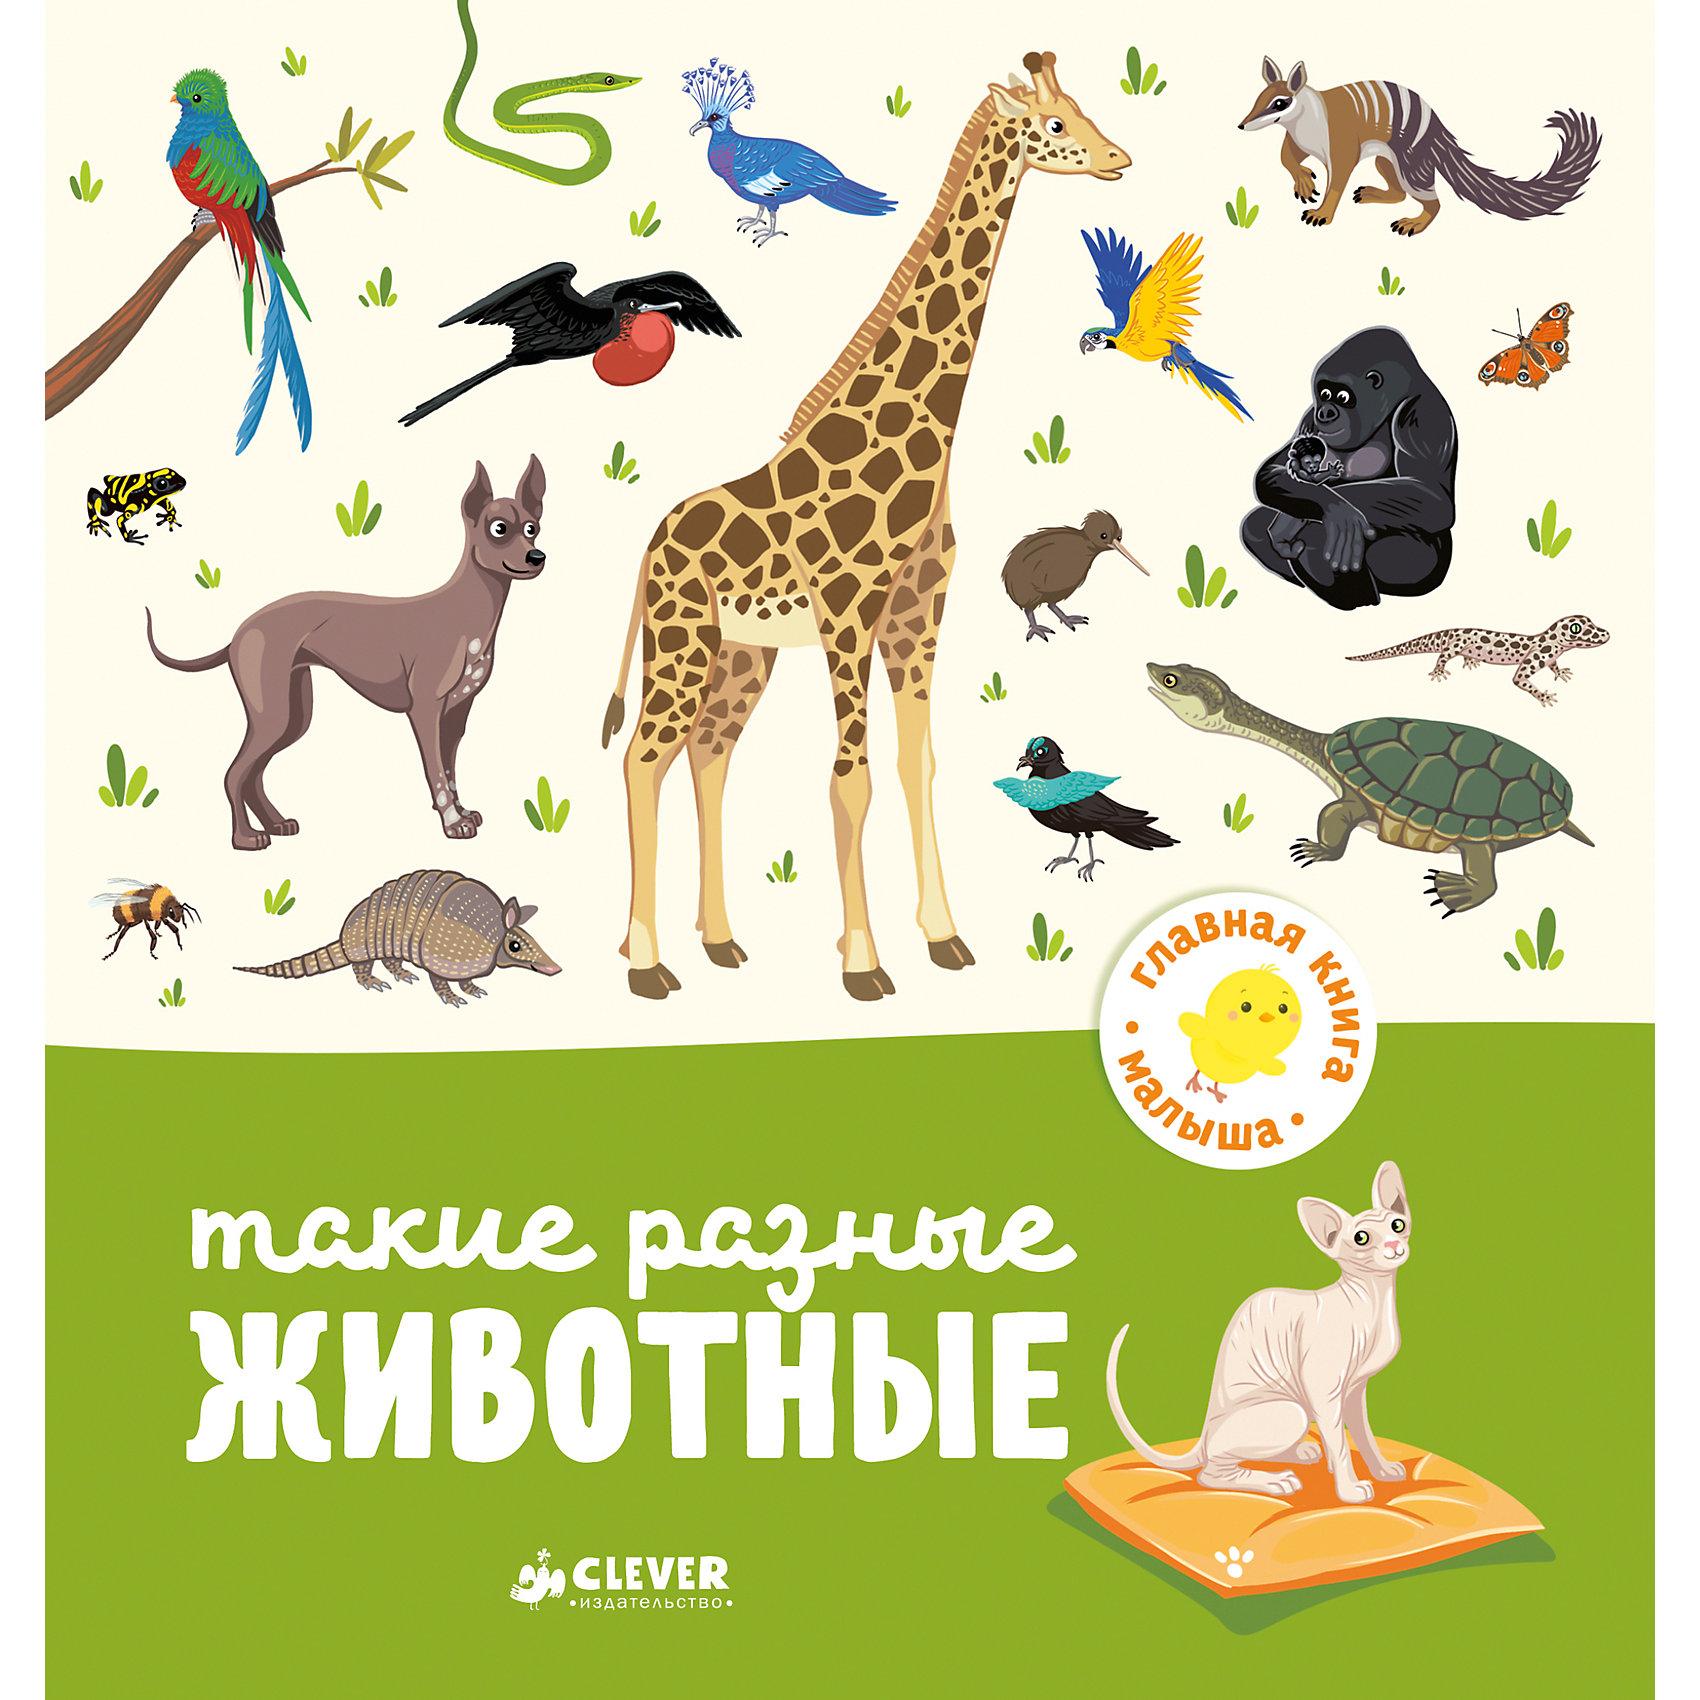 Такие разные животные, А. Бессон, Главная книга малышаОкружающий мир<br>Характеристики товара:<br><br>• ISBN: 978-5-00115-007-7;<br>• возраст: от 1 года;<br>• формат: 70х90/16;<br>• бумага: мелованная;<br>• тип обложки: 7Бц - твердая, целлофанированная (или лакированная);<br>• иллюстрации: цветные;<br>• серия: Главная книга малыша;<br>• издательство: Клевер Медиа Групп, 2017 г.;<br>• автор: Бессон Агнес;<br>• редактор: Видревич Ирина;<br>• переводчик: Маслиева Елизавета;<br>• художник: Сюрэн;<br>• количество страниц: 24;<br>• размеры: 18,6х17,5х0,8 см;<br>• масса: 208 г.<br><br>Книга с красочными крупными иллюстрациями и простым текстом подойдет для самых маленьких. <br><br>Интересные задания познакомят ребенка с окружающим миром. На каждом развороте расположены необычные животные саванны. Веселые задачки «Найди и покажи» развивают внимание, логику и мышление.<br><br>Книгу «Такие разные животные», А. Бессон, Клевер Медиа Групп, можно купить в нашем интернет-магазине.<br><br>Ширина мм: 180<br>Глубина мм: 170<br>Высота мм: 8<br>Вес г: 200<br>Возраст от месяцев: 12<br>Возраст до месяцев: 36<br>Пол: Унисекс<br>Возраст: Детский<br>SKU: 7039975